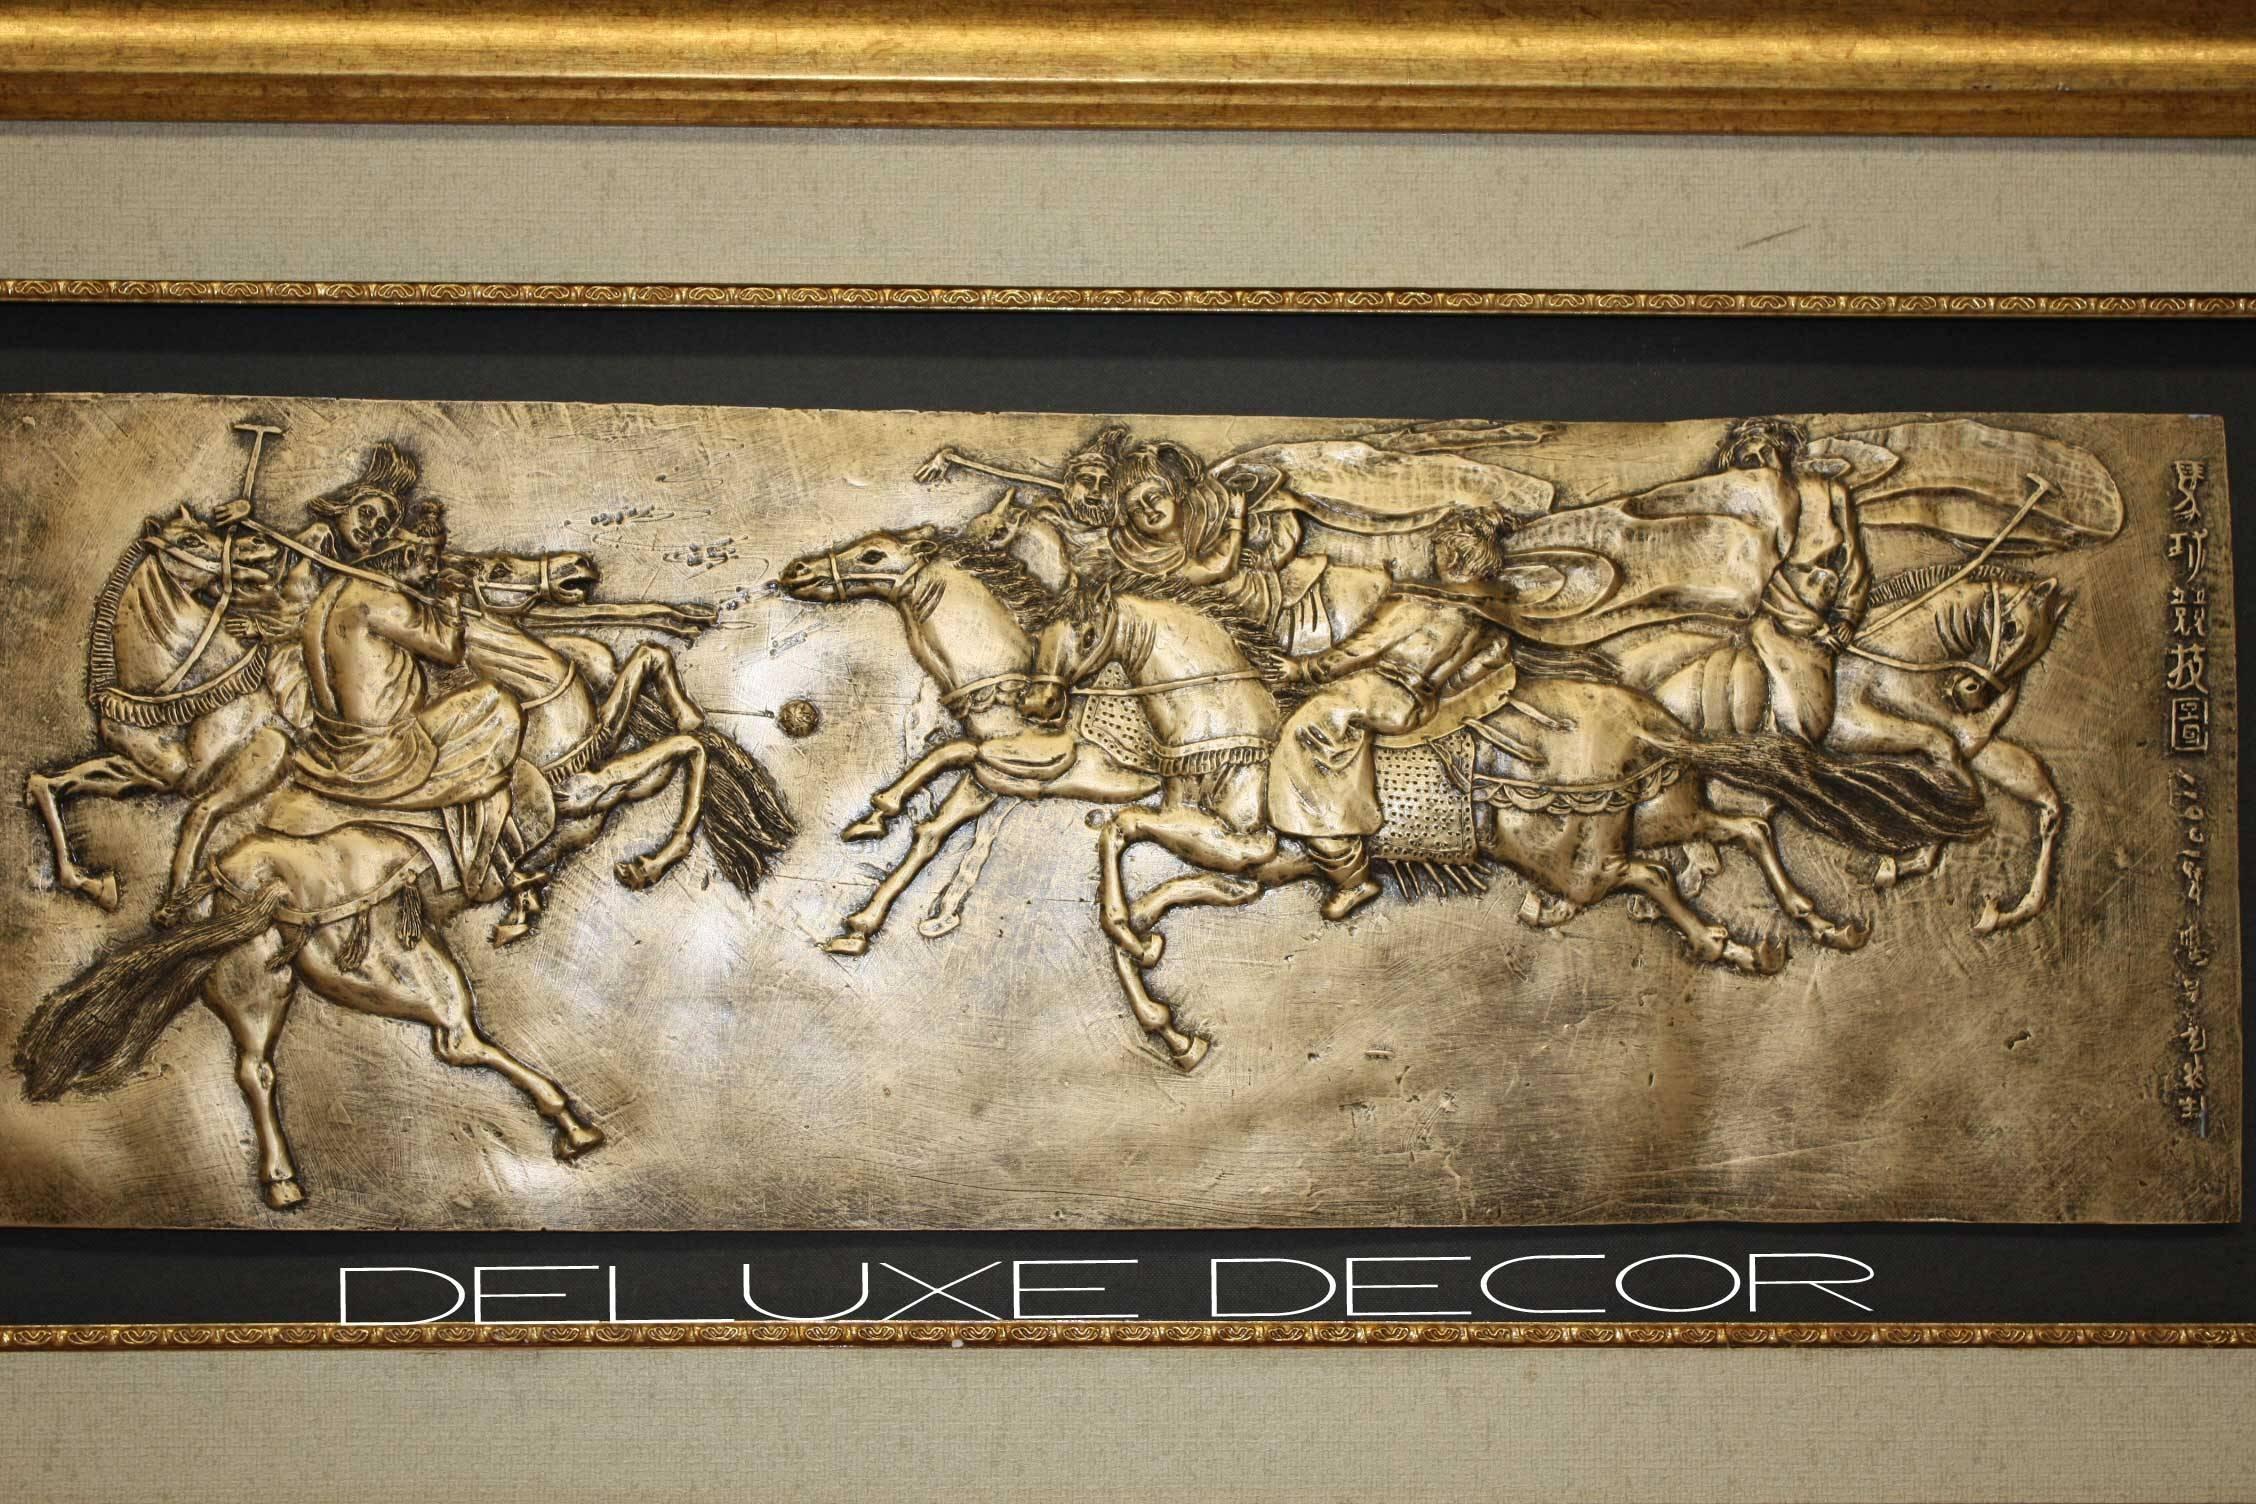 3D Horse Wall Art | Wallartideas with regard to Most Recent 3D Horse Wall Art